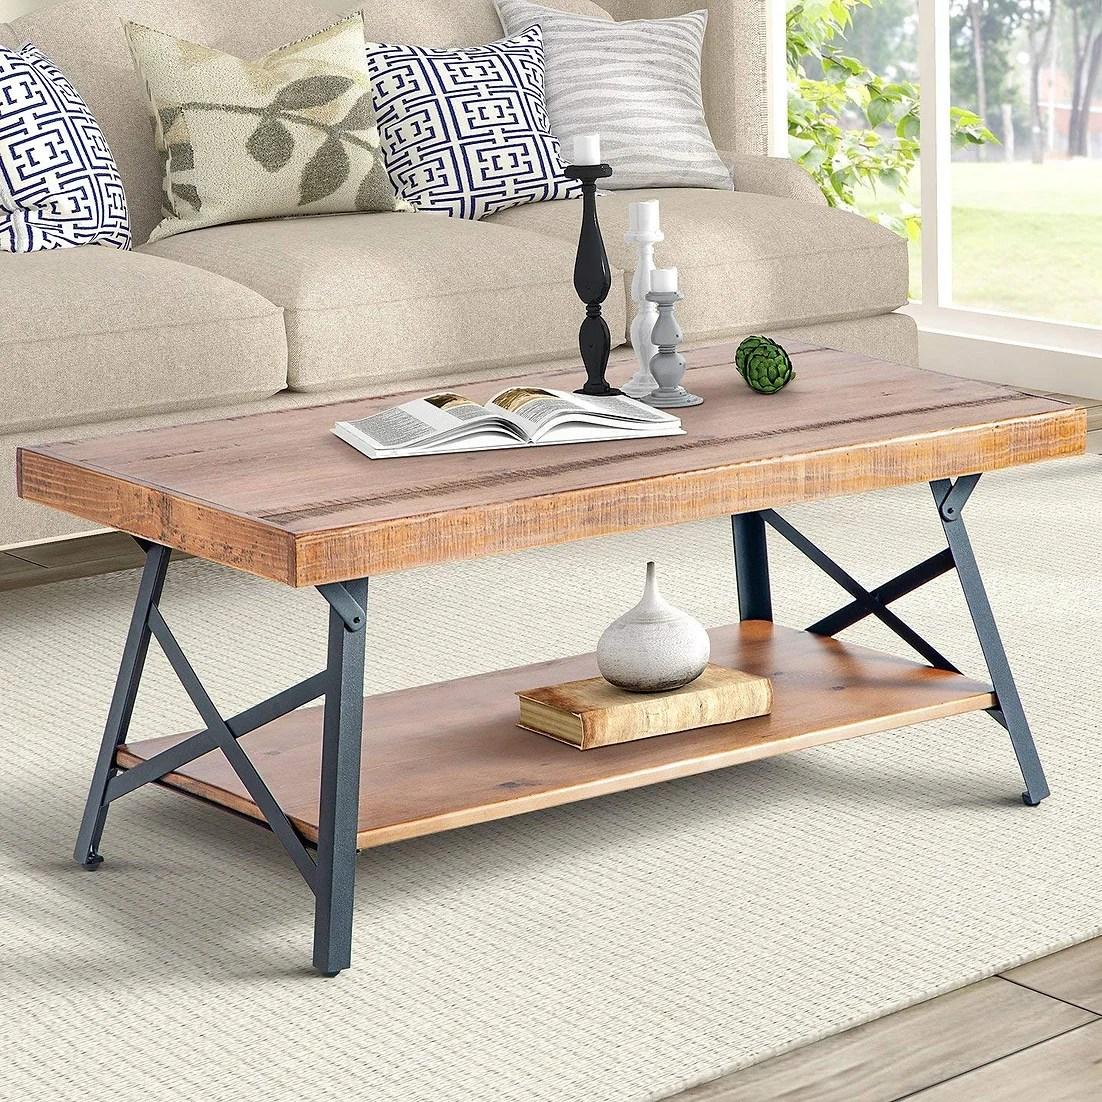 rustic brown wood coffee table with metal legs buen hogar furniture